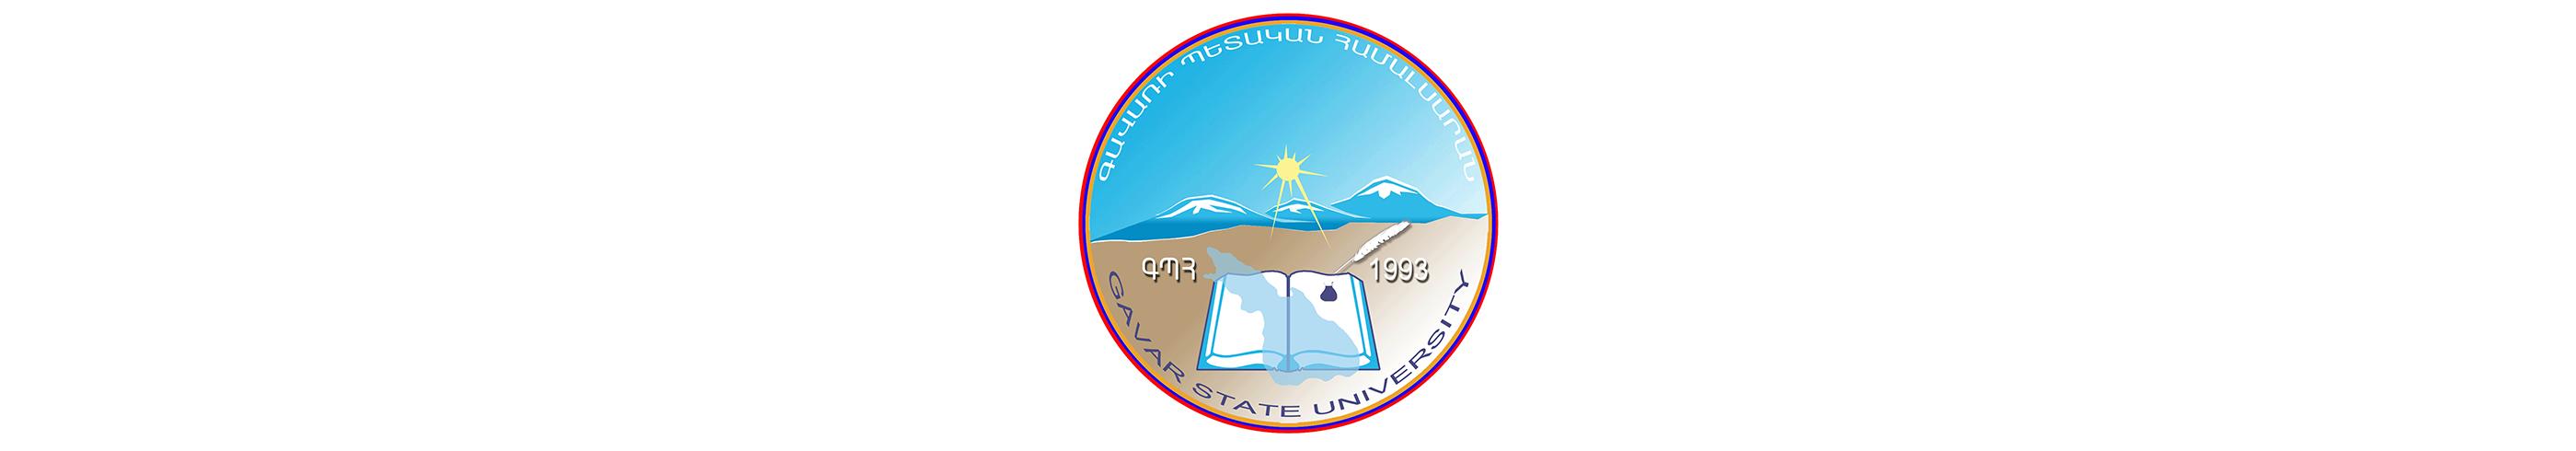 GSU logo (aranc foni)